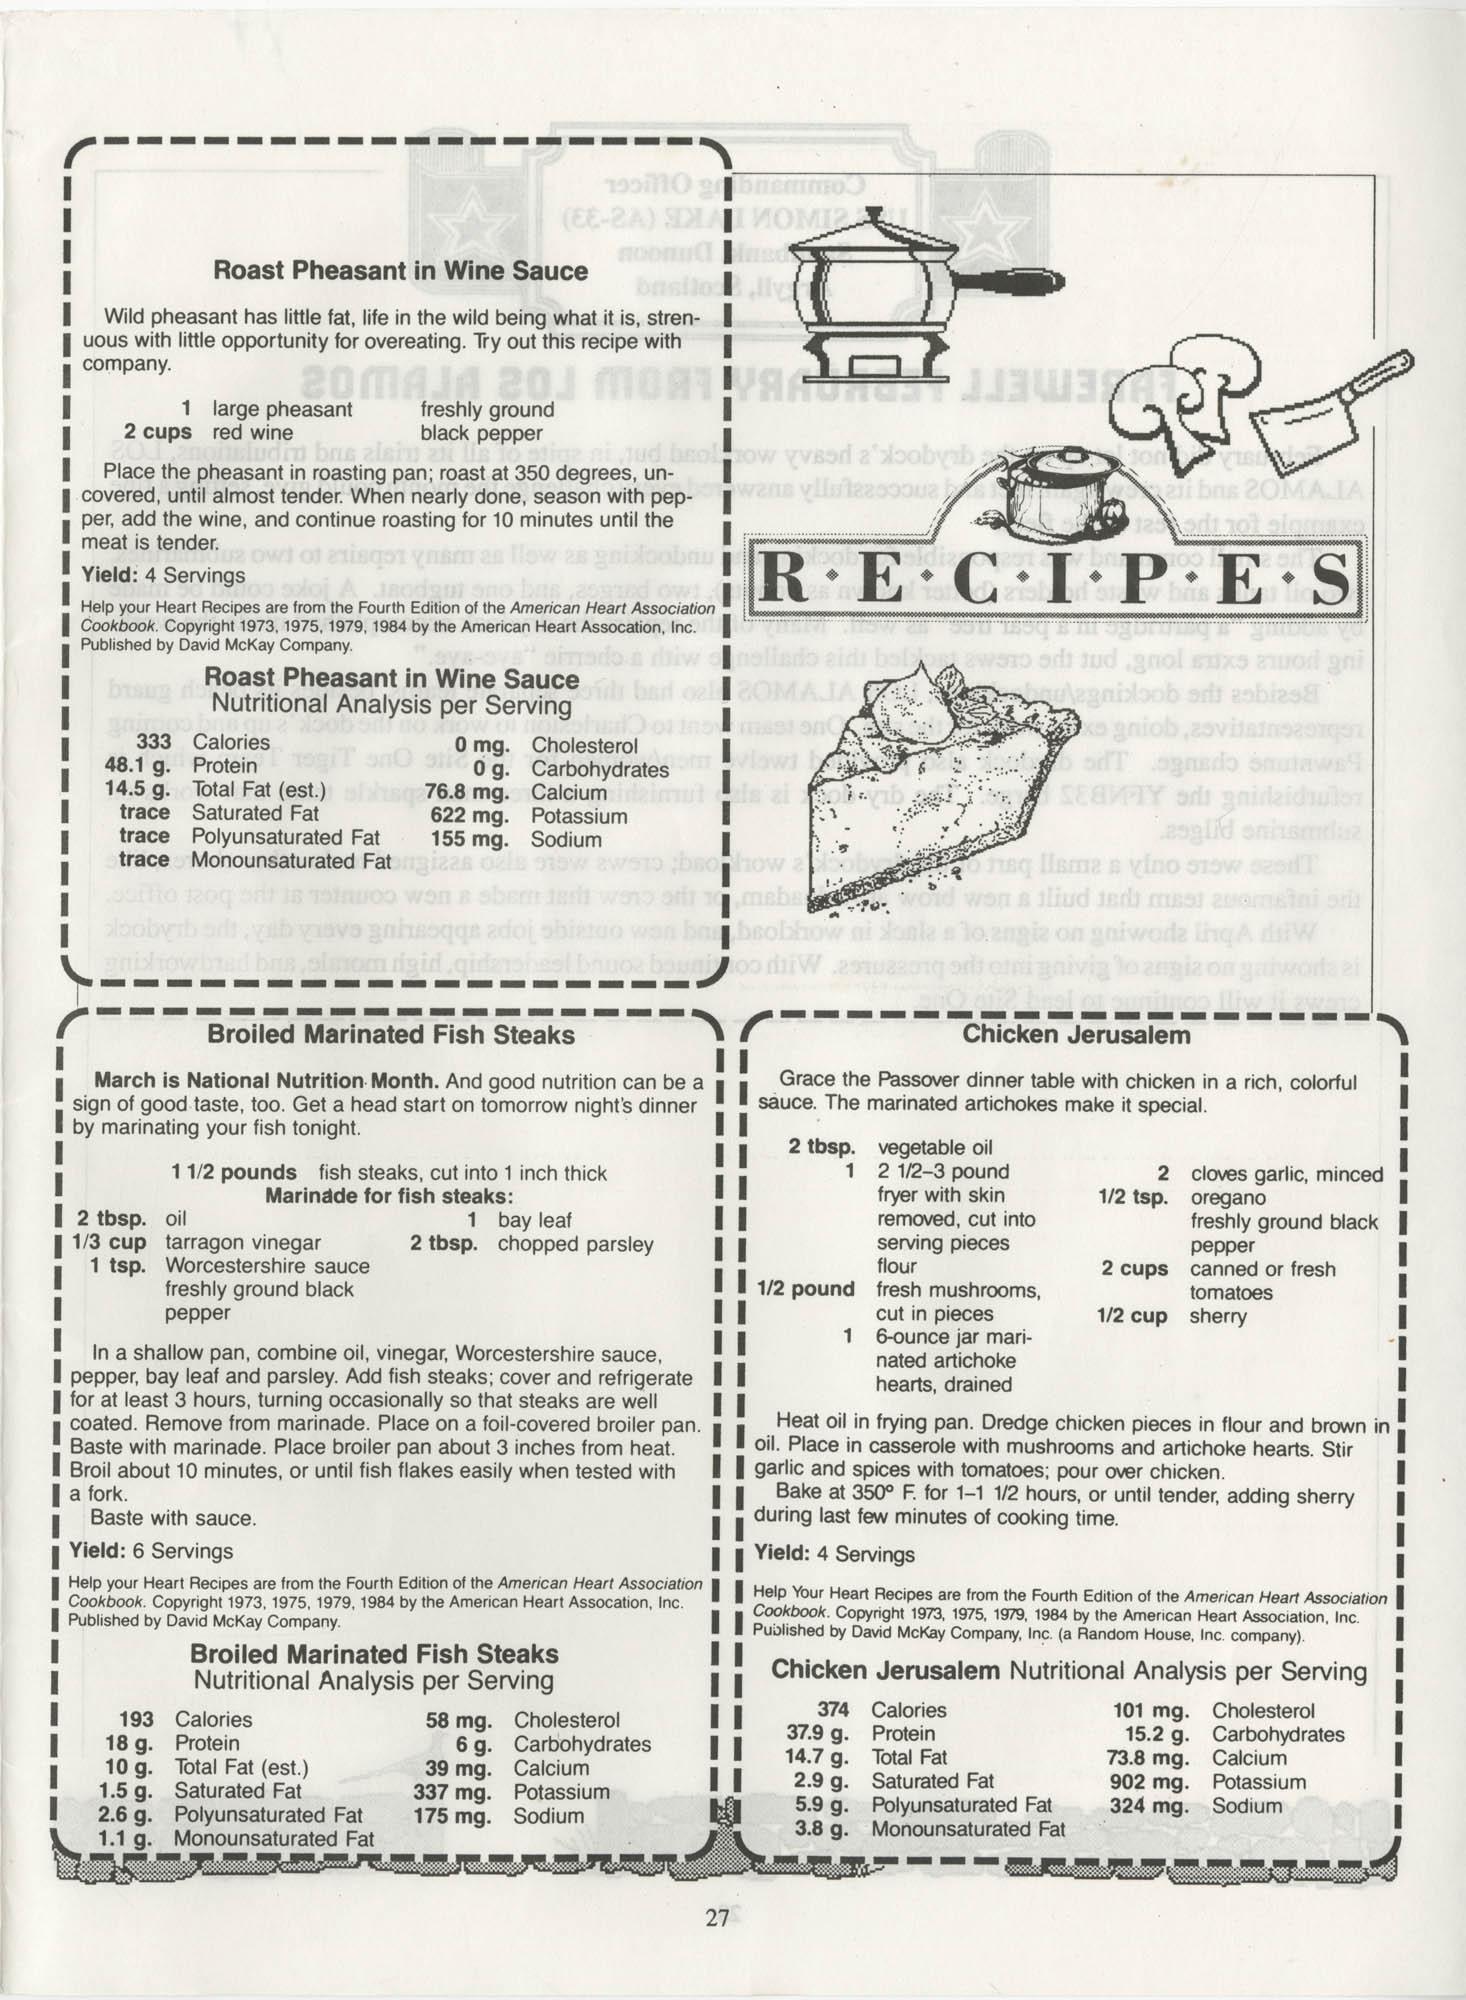 Periscope/Highlander, Vol. 1 No. 6, April 1989, Page 27